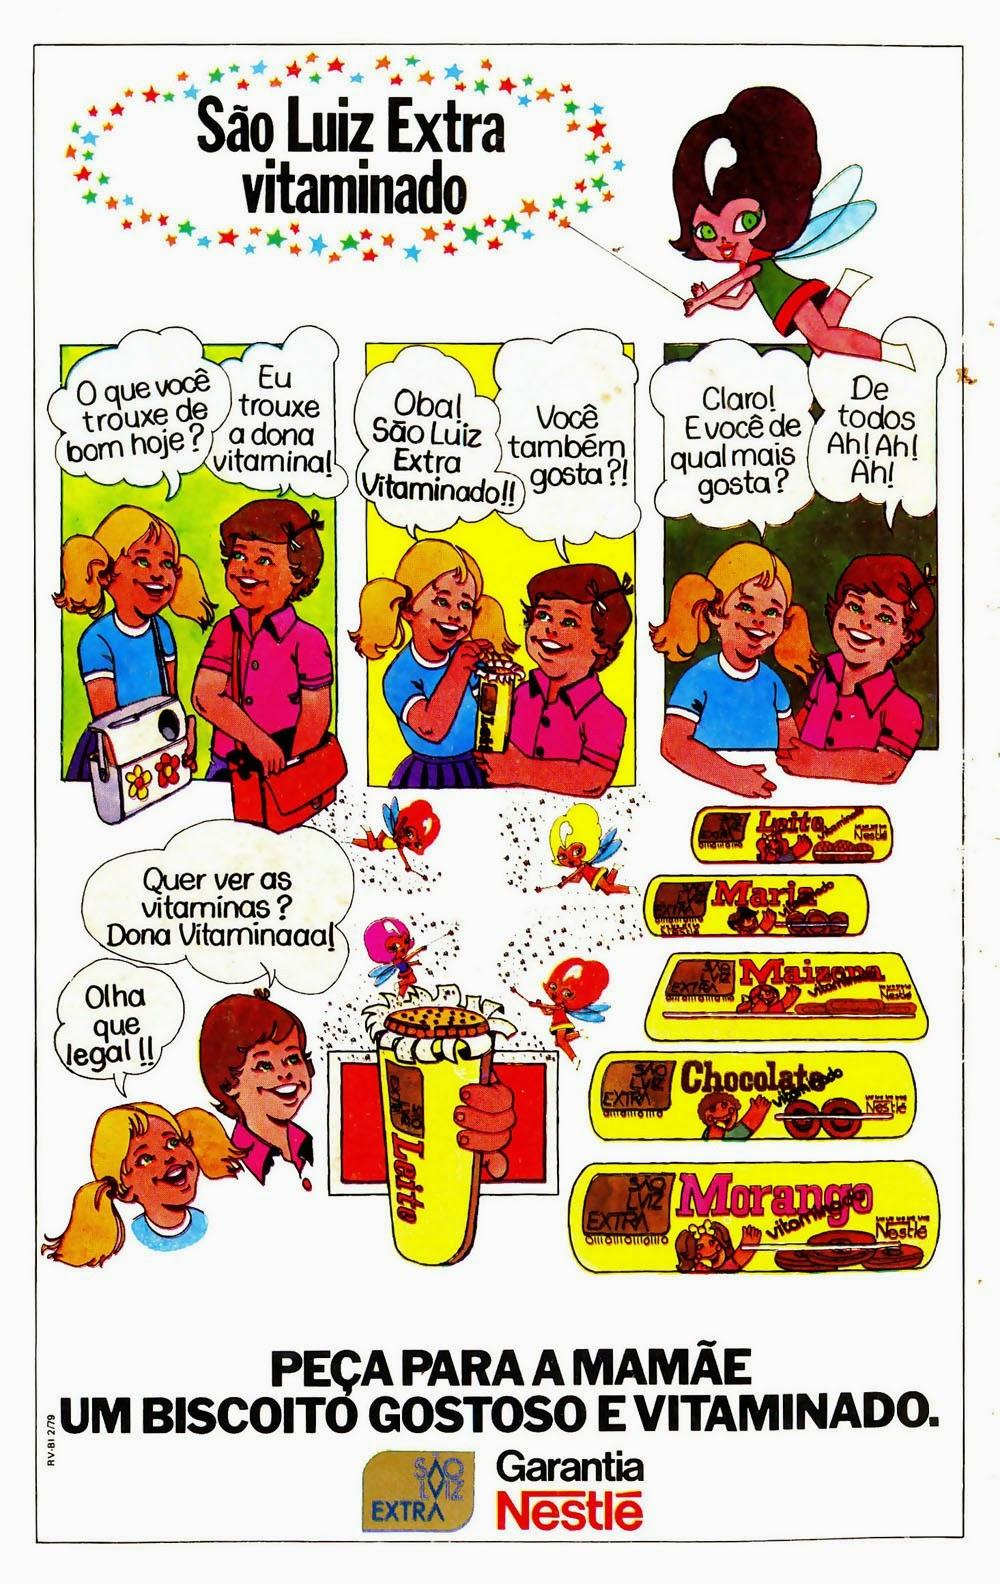 Linha de Biscoitos 'Extra Vitaminado' da São Luiz, apresentada em 1979.